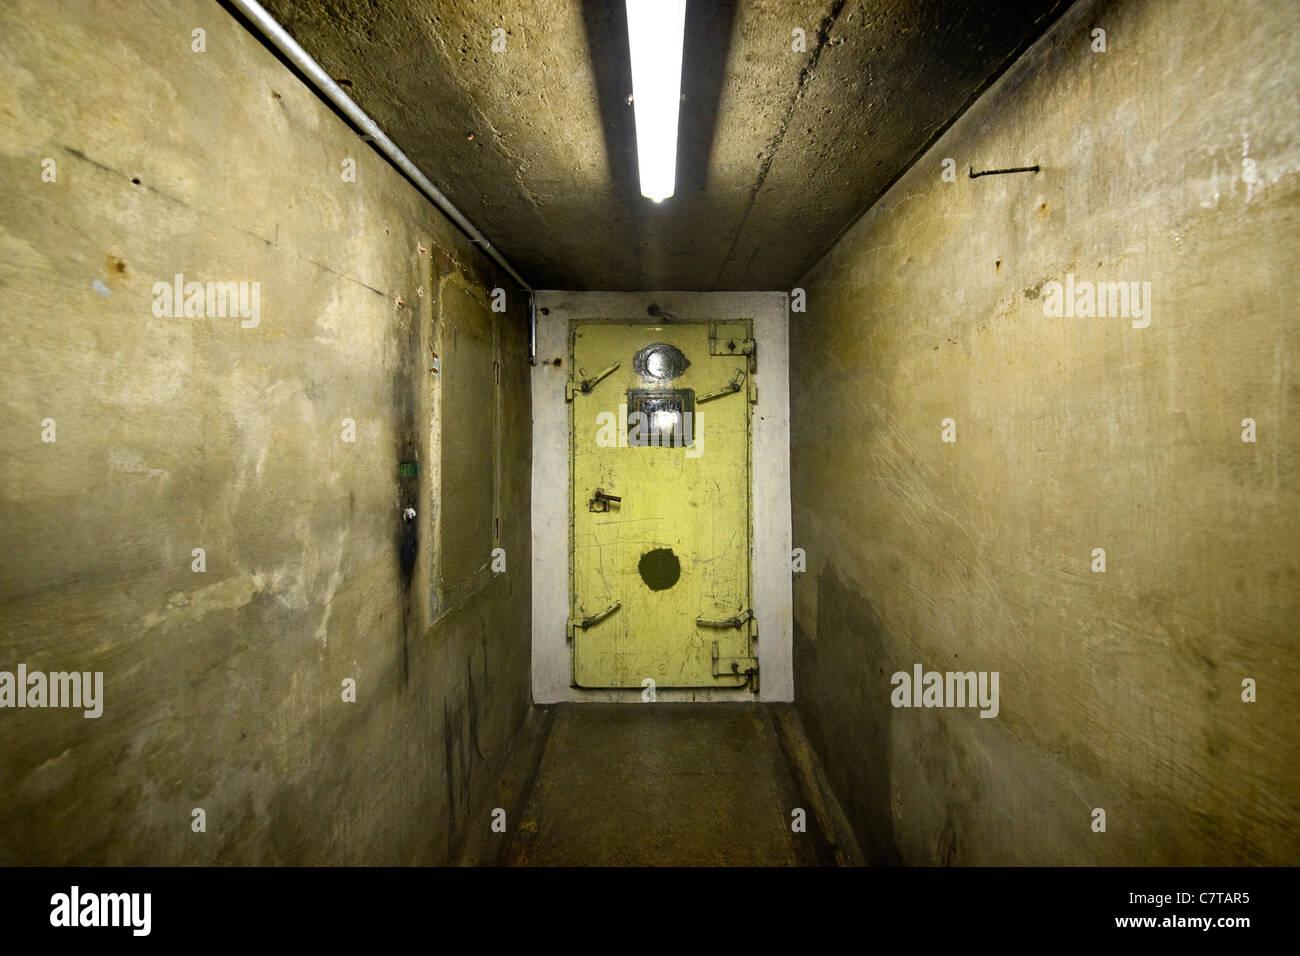 Switzerland, fallout shelter Stock Photo